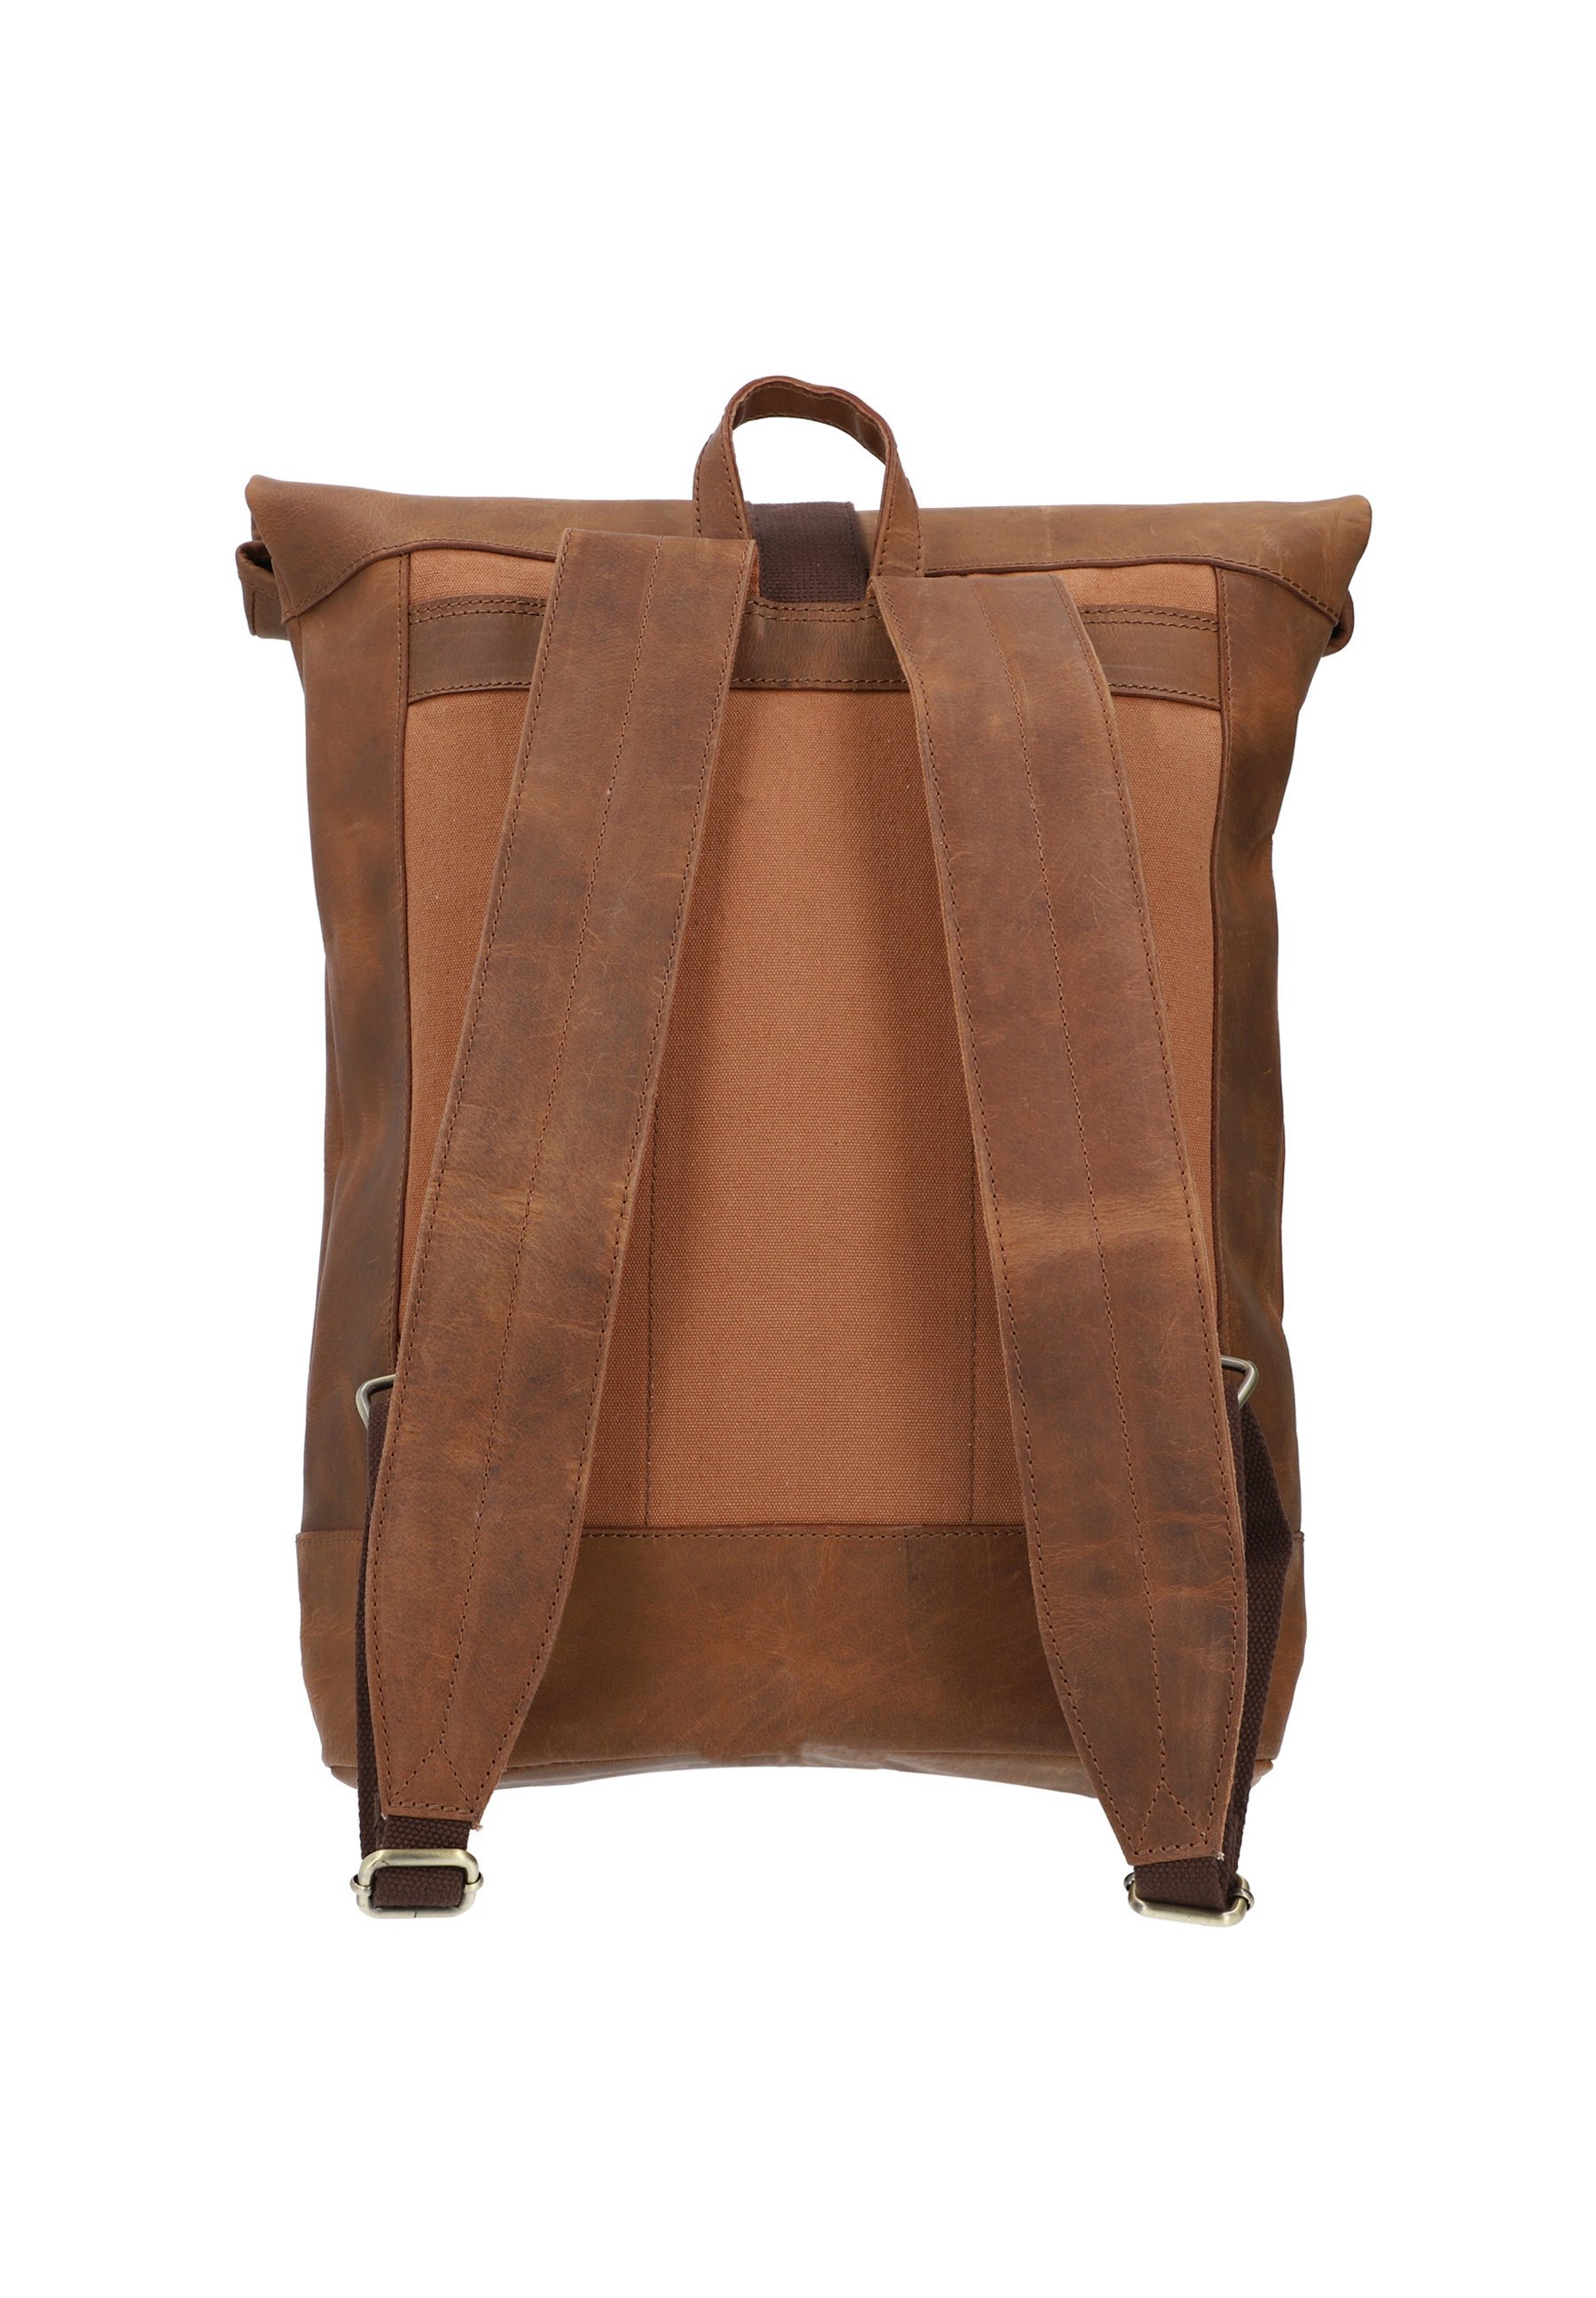 Gusti Leder Tagesrucksack - dunkelbraun - Herrentaschen n6DwO